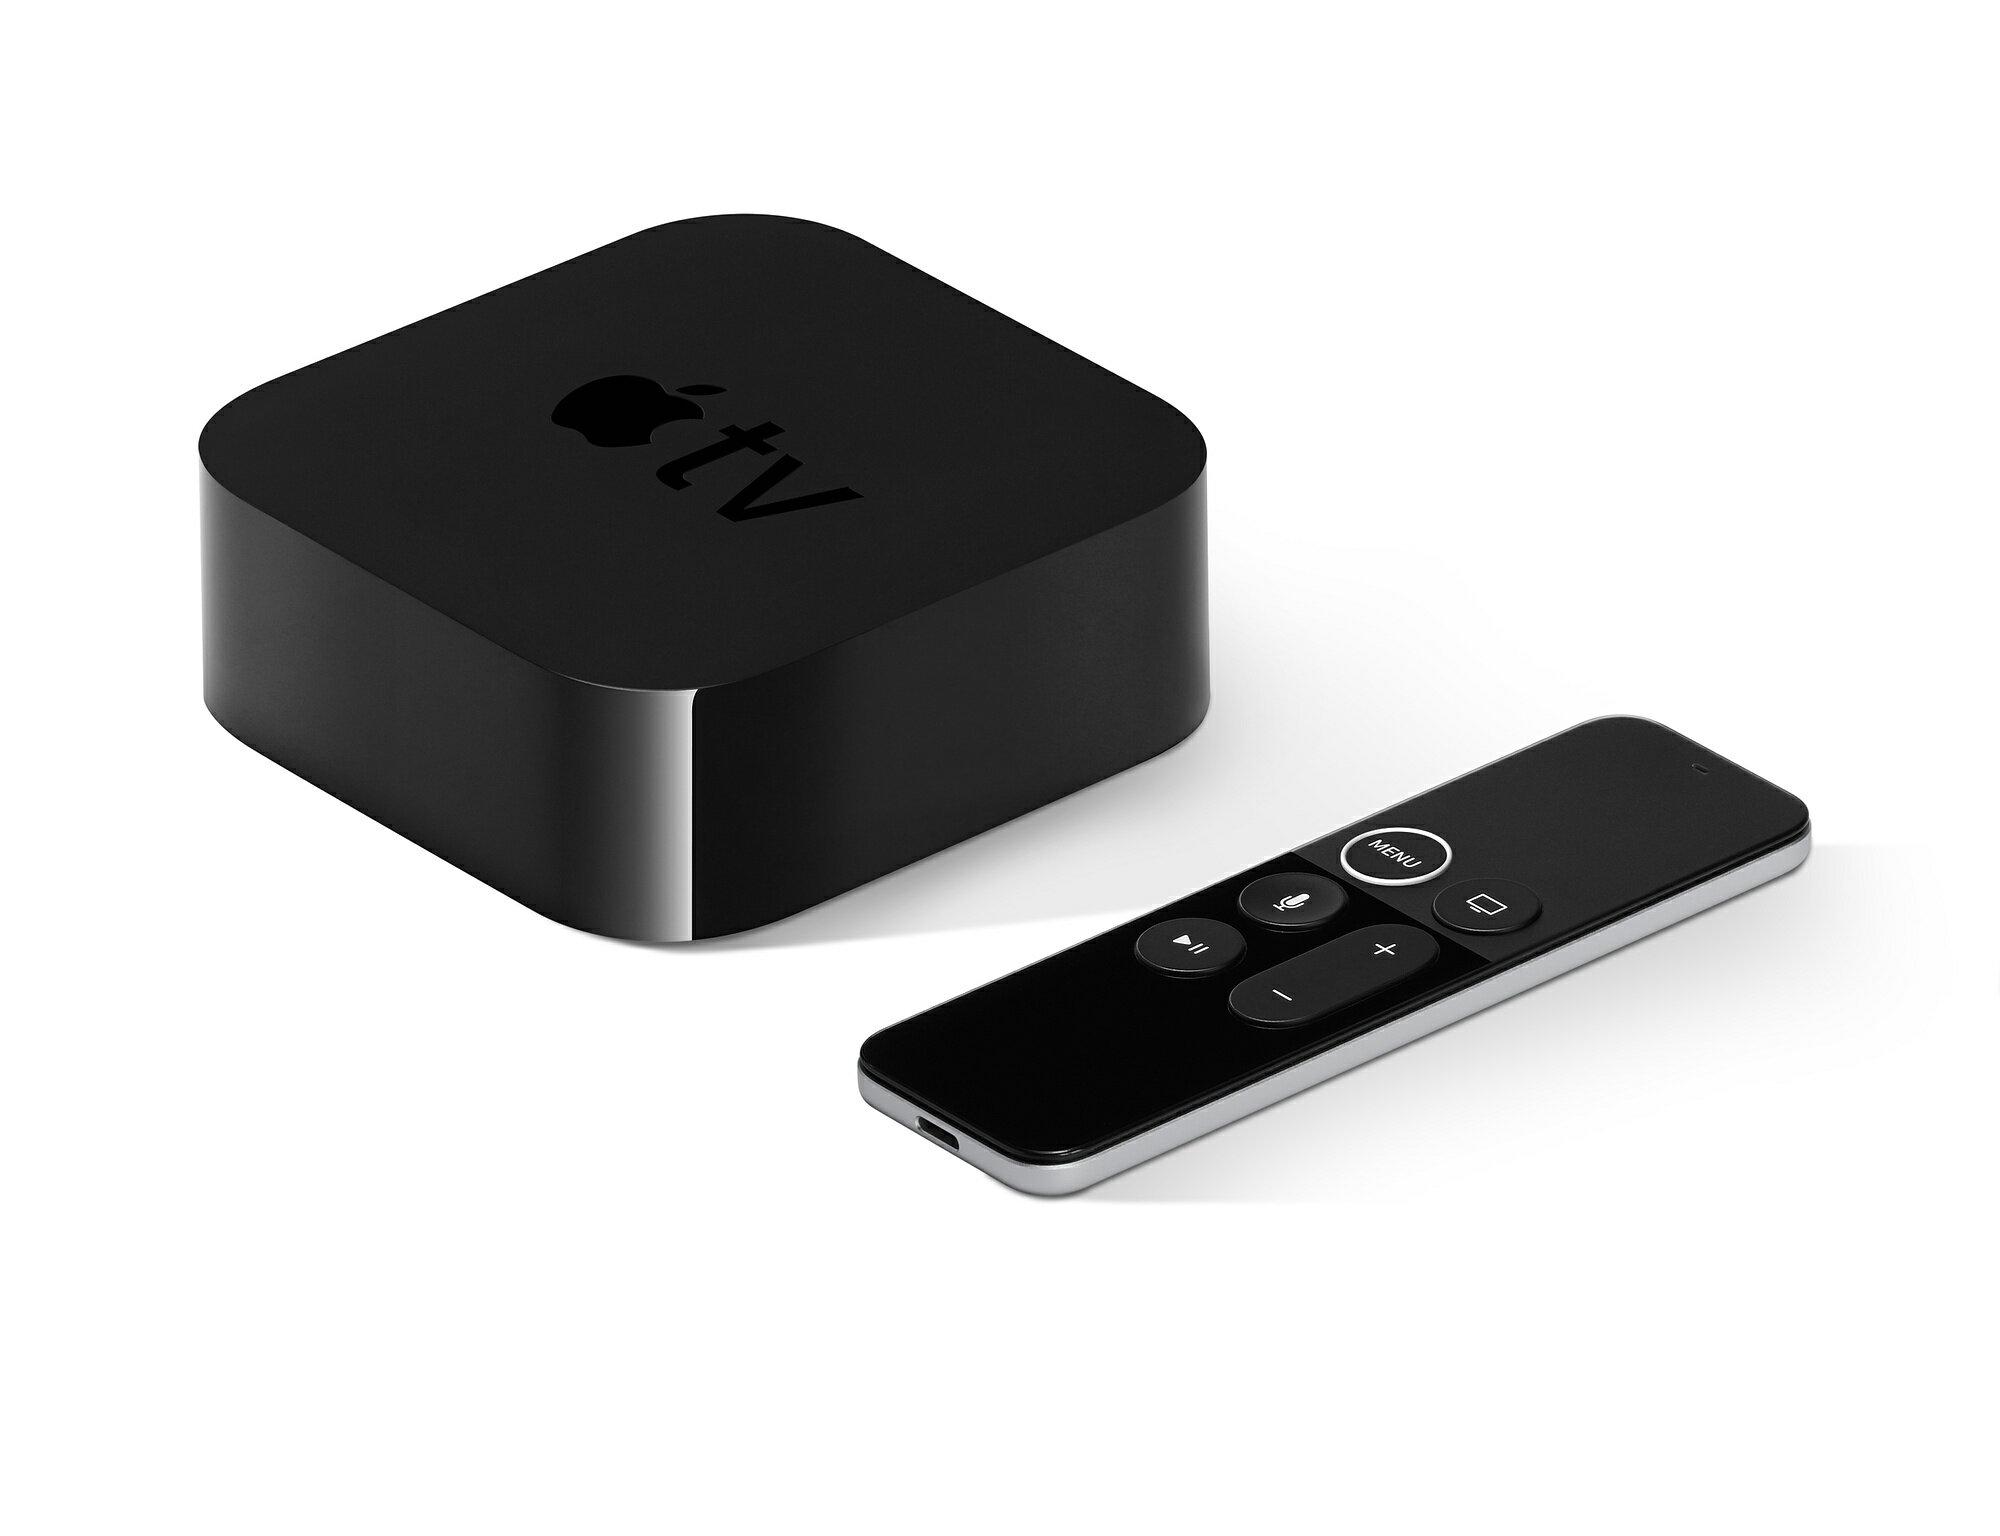 ★全新現貨供應★ Apple TV 4 32GB 台灣公司貨 佳成數位 0